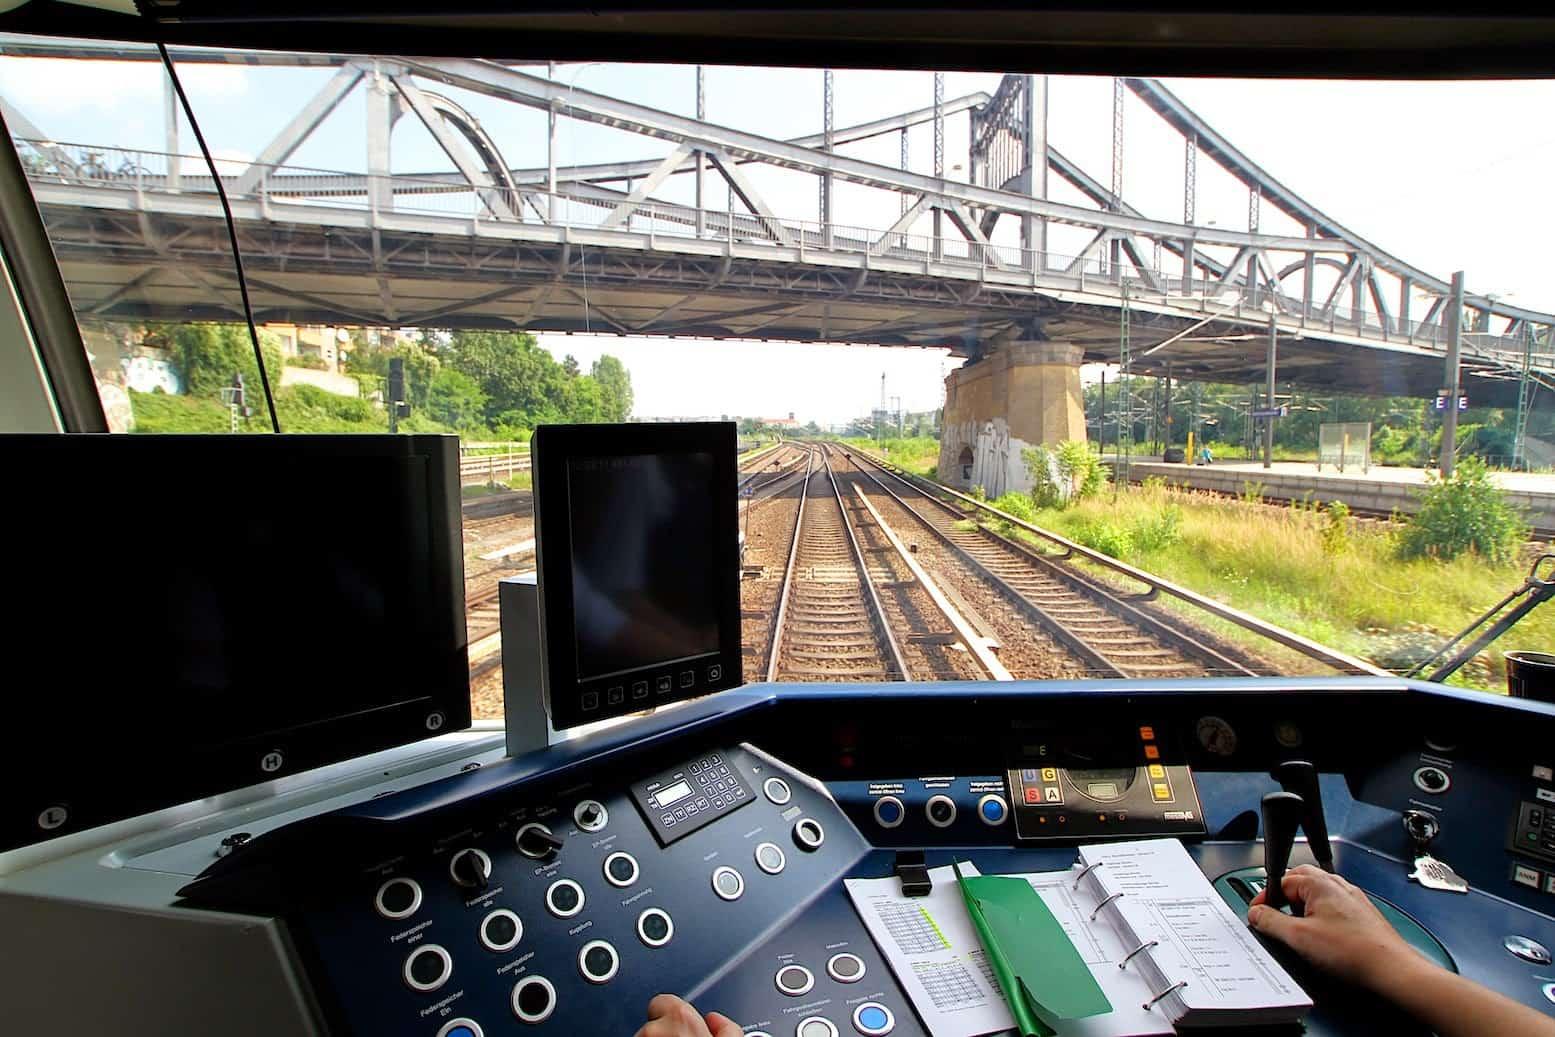 Bernau - Barnim - Bahn - Erinnerung: Ab morgen früh mehrere Wochen SEV der S2 / S8